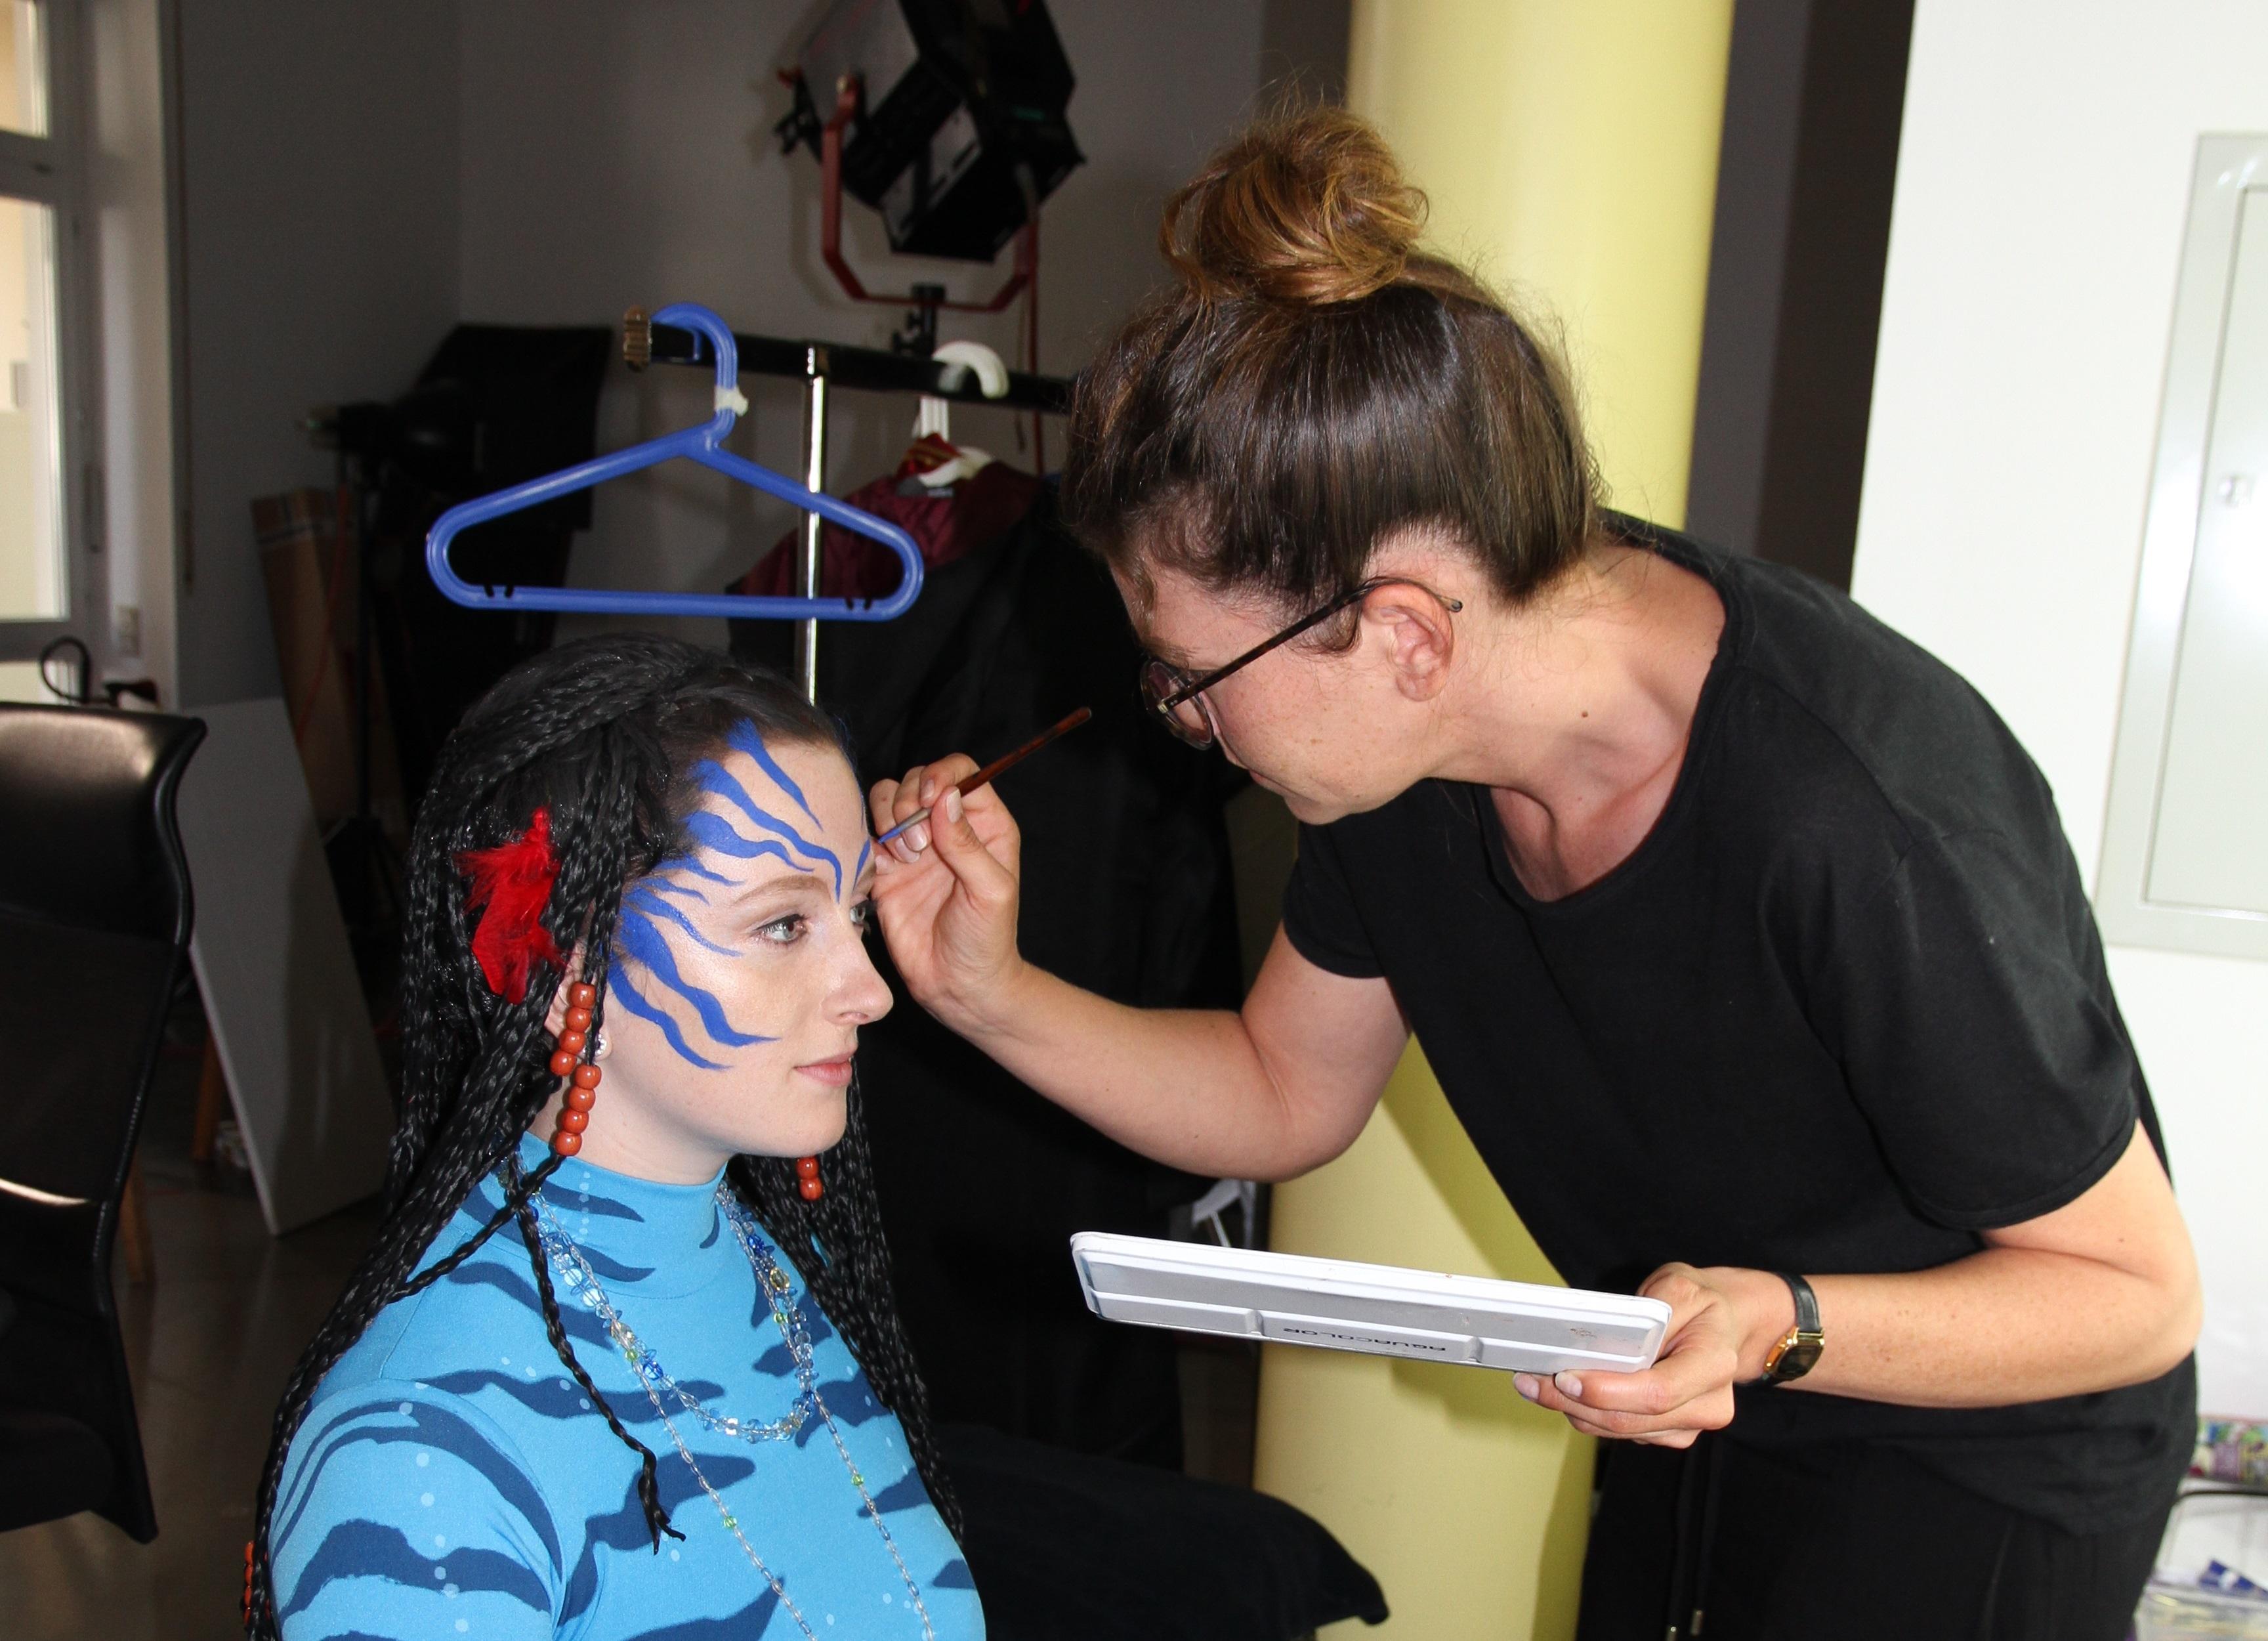 Junge Frau wird für die SAM Kampagnenmotve als Neytiri geschminkt